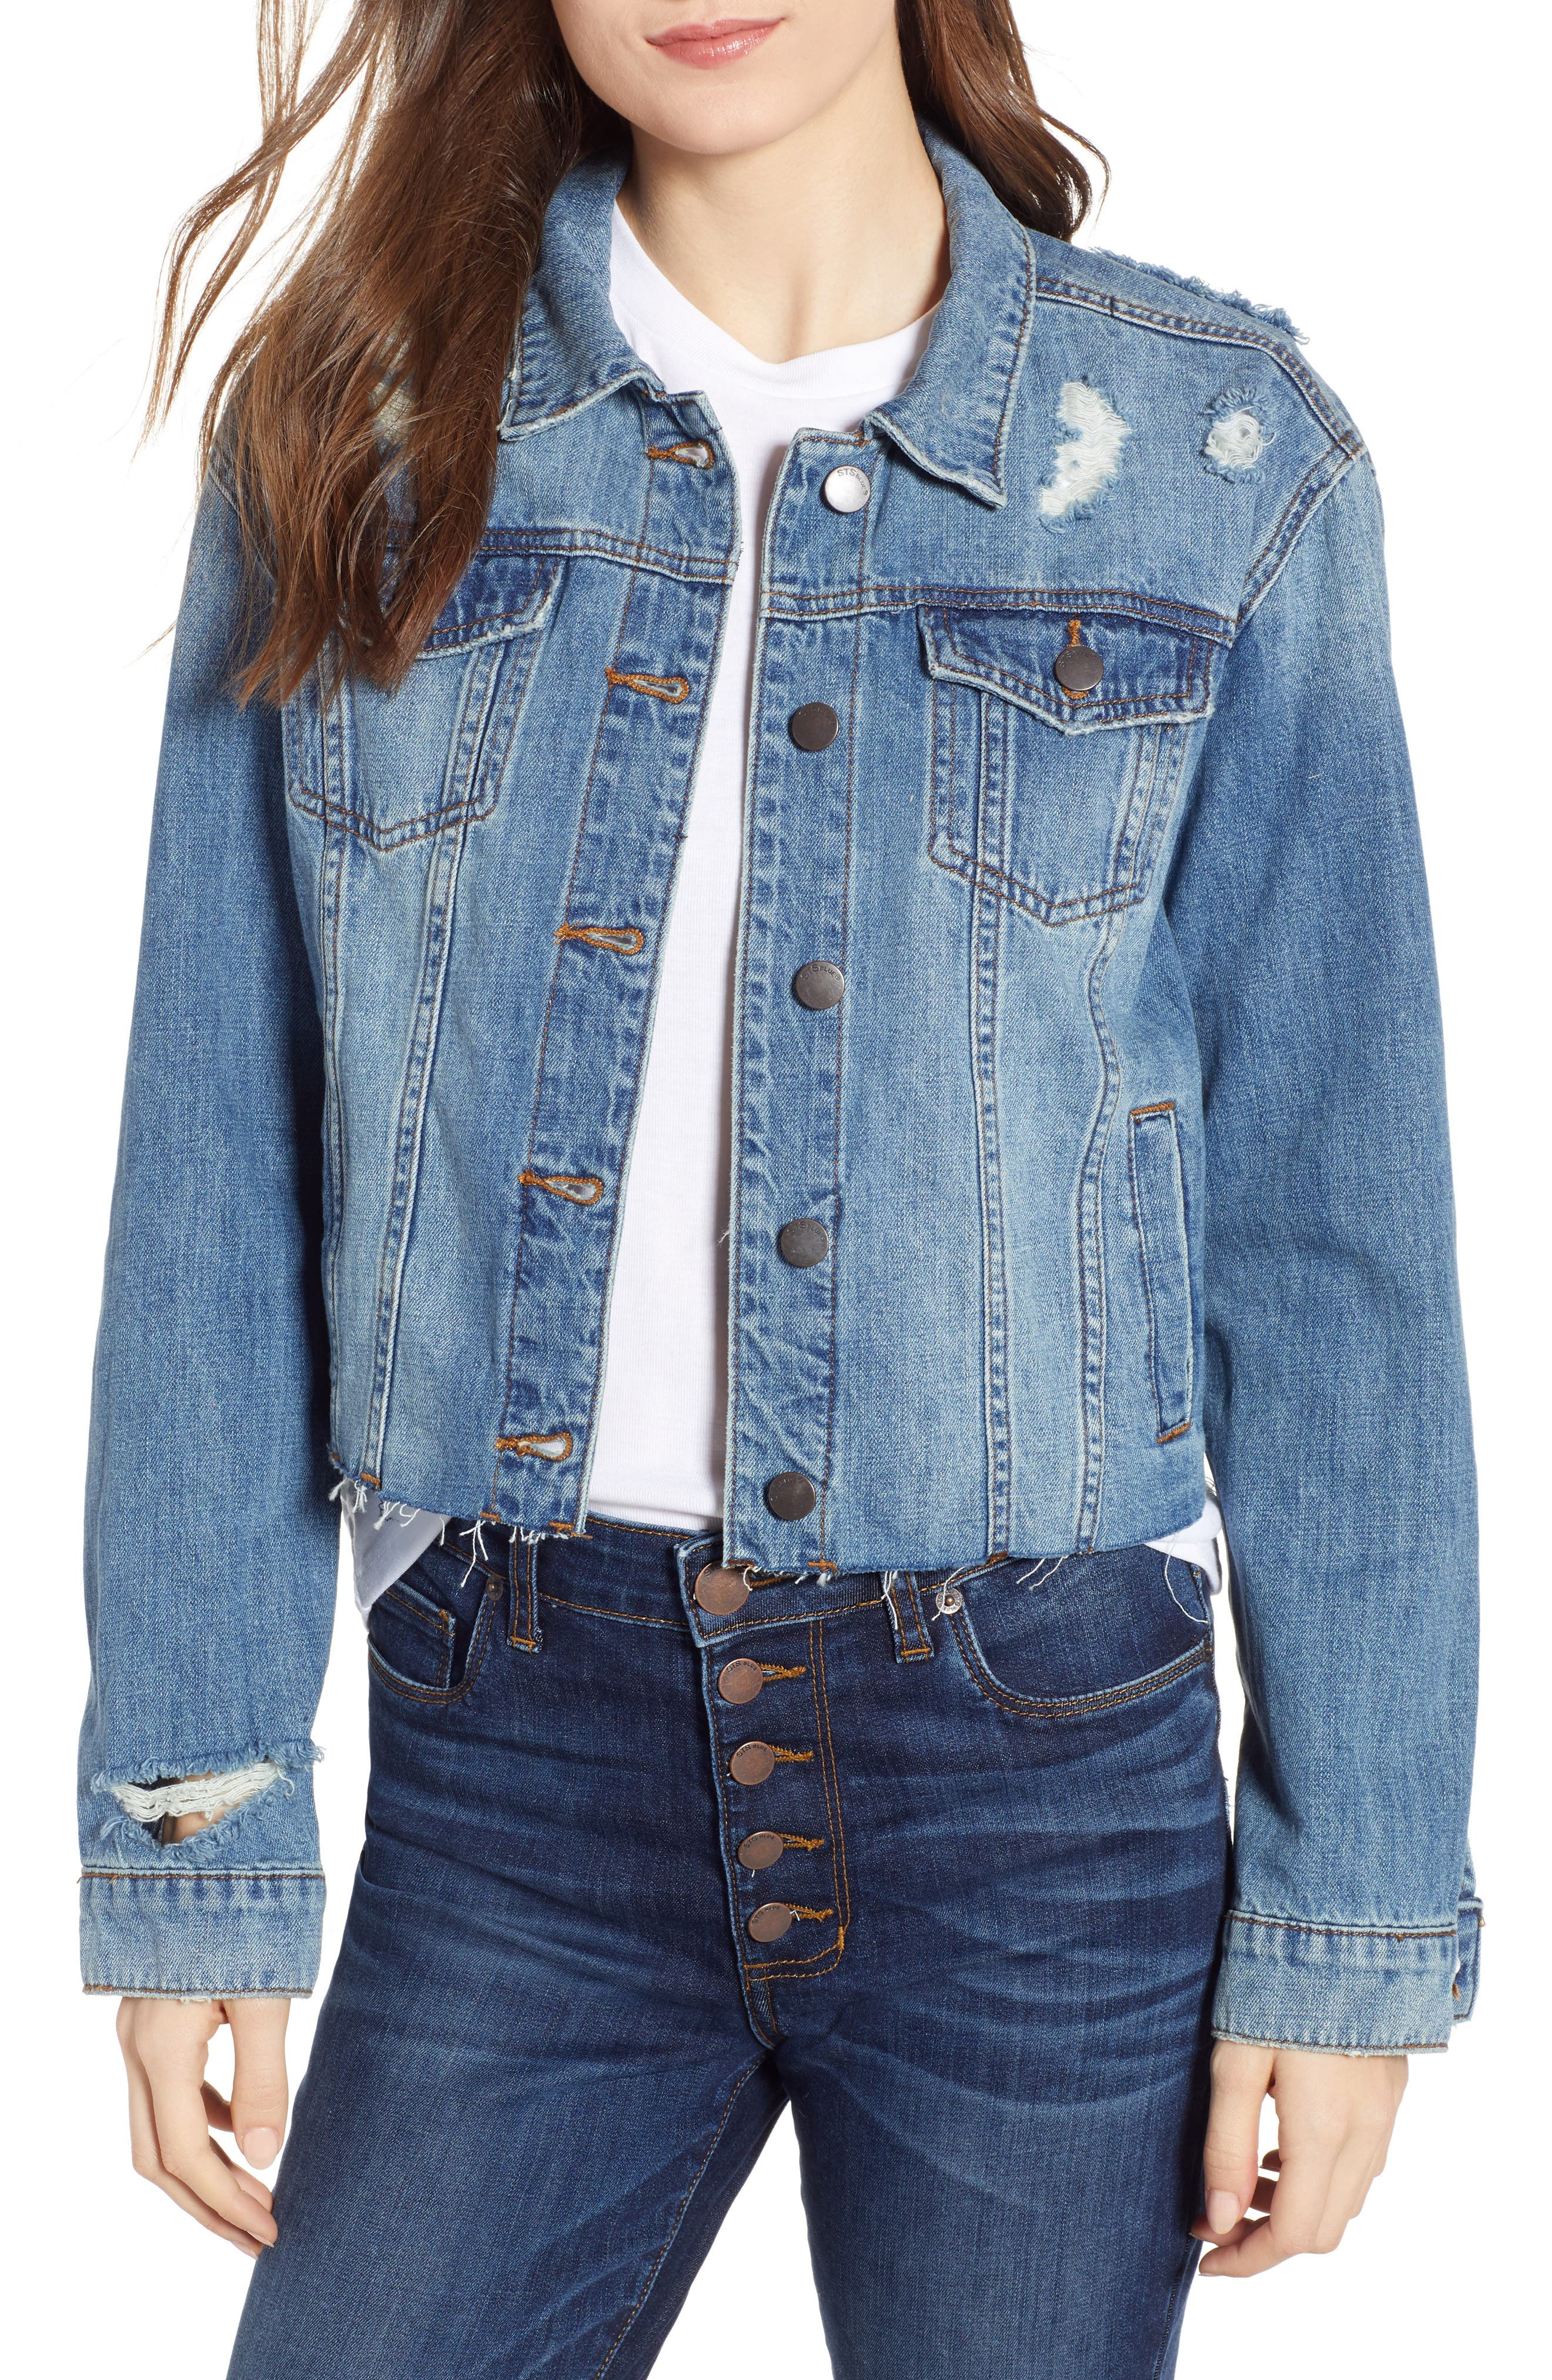 STS BLUE, Boyfriend Crop Denim Jacket, Main thumbnail 1, color, 400